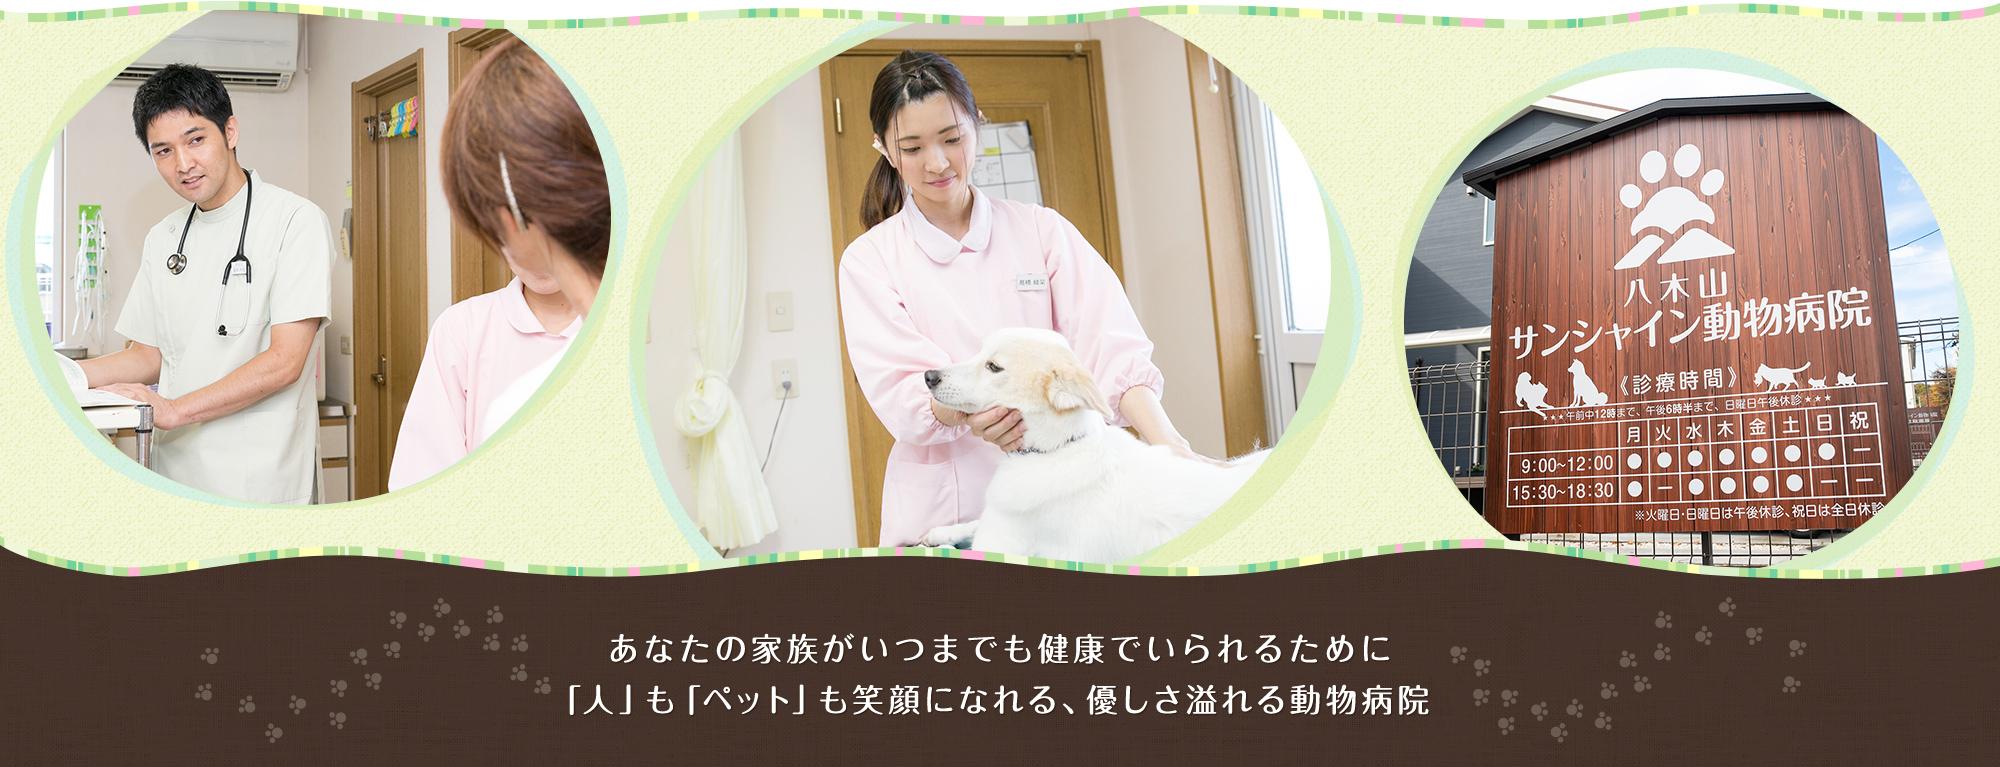 あなたの家族がいつまでも健康でいられるために 「人」も「ペット」も笑顔になれる、優しさ溢れる動物病院